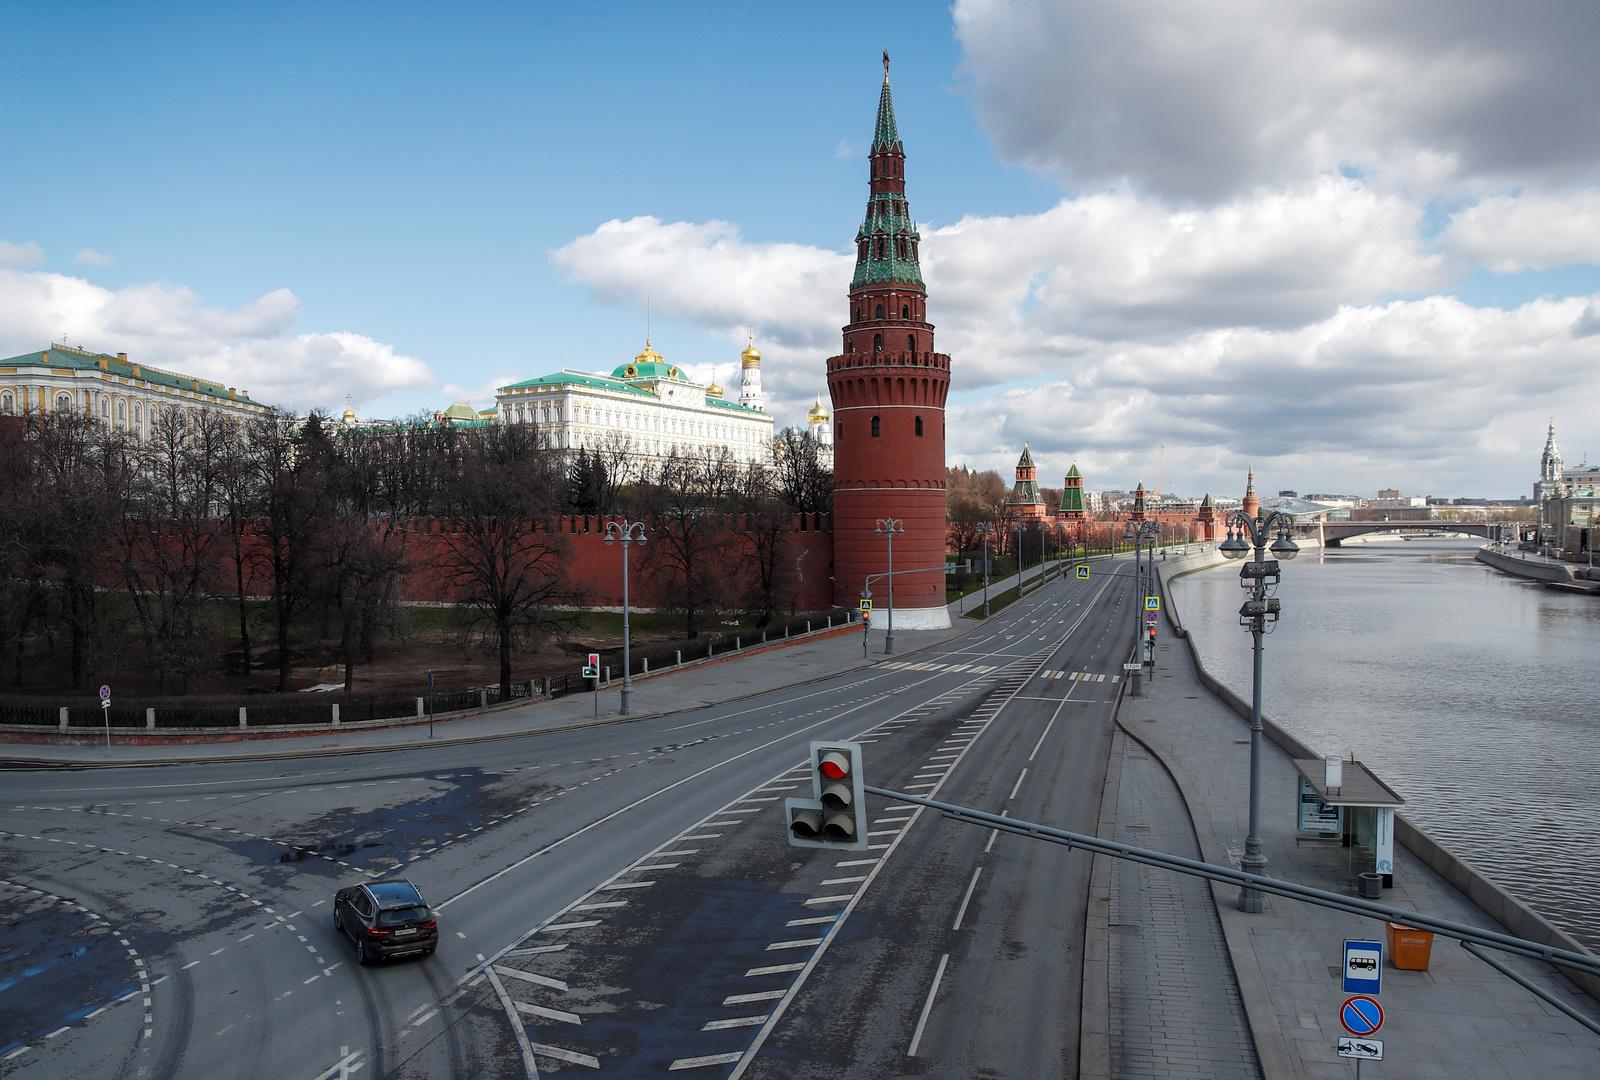 الكرملين: ادعاءات واشنطن عن وقوف الأمن الروسي وراء